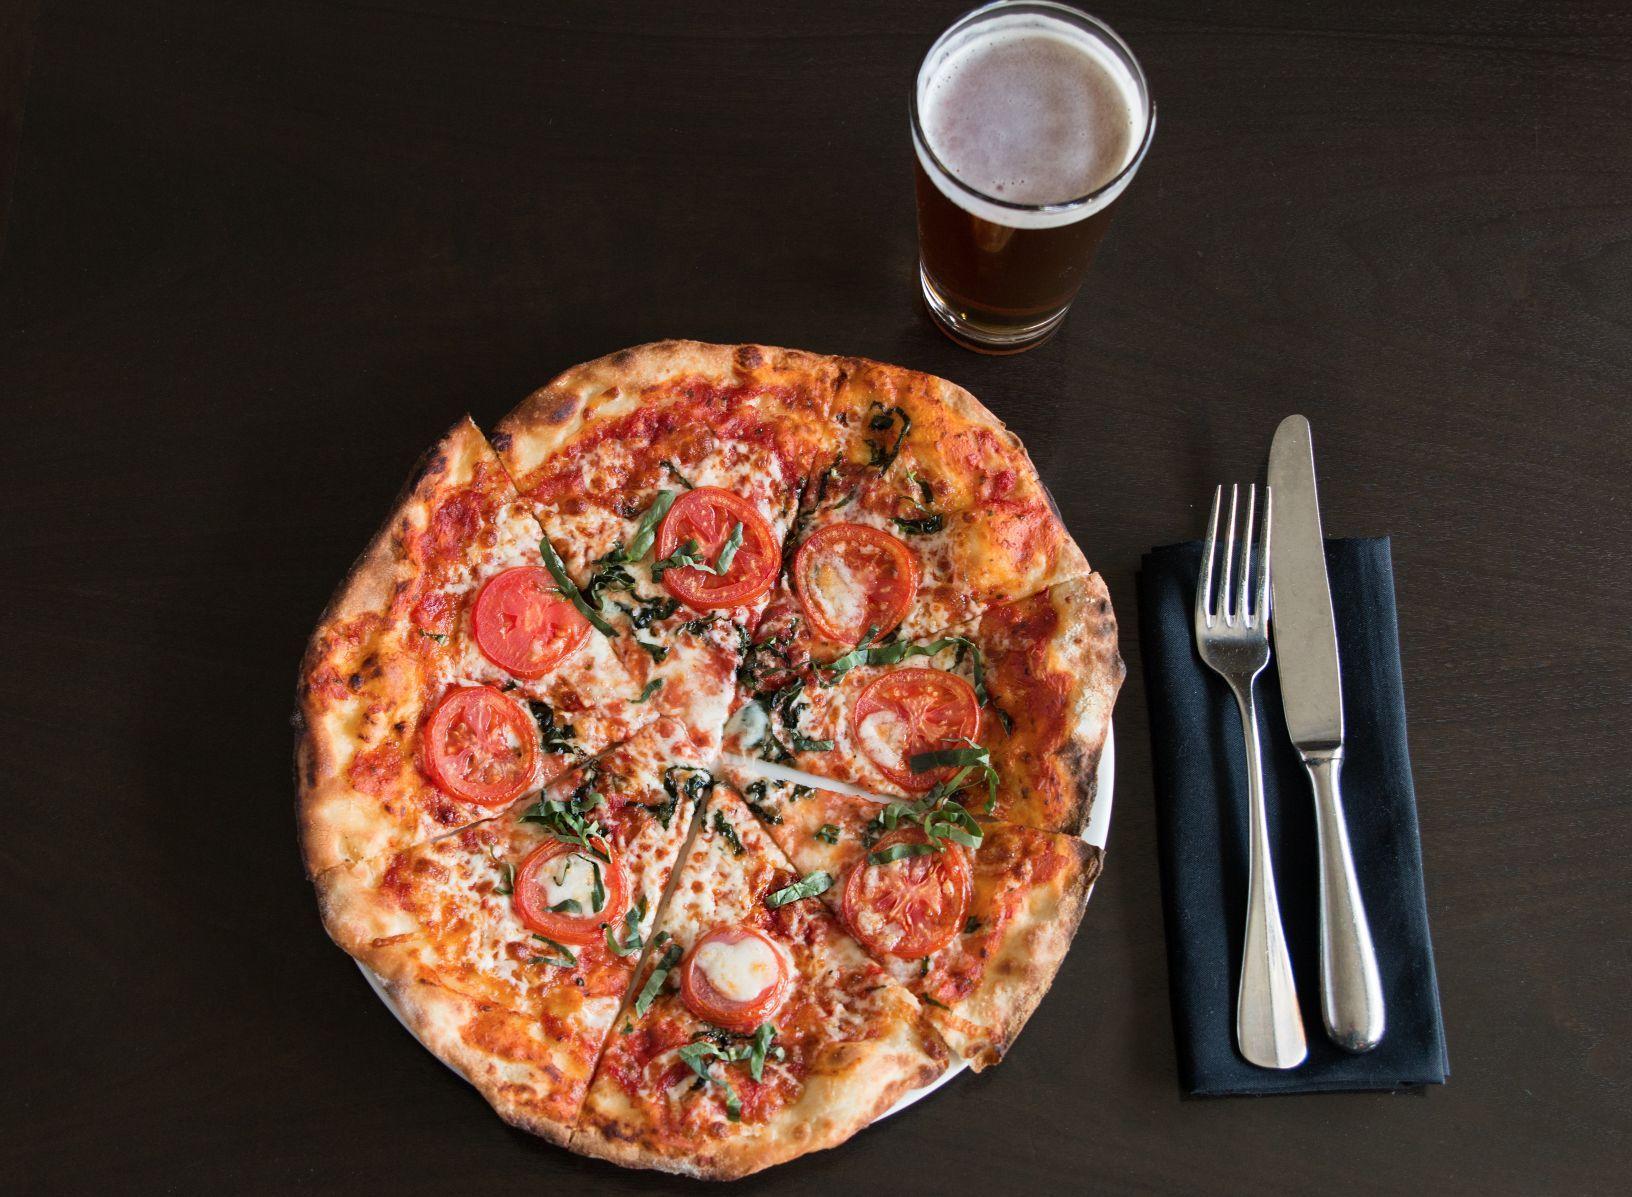 Margherita pizza:  sliced roma tomato, mozzarella di bufala, torn basil, olive oil